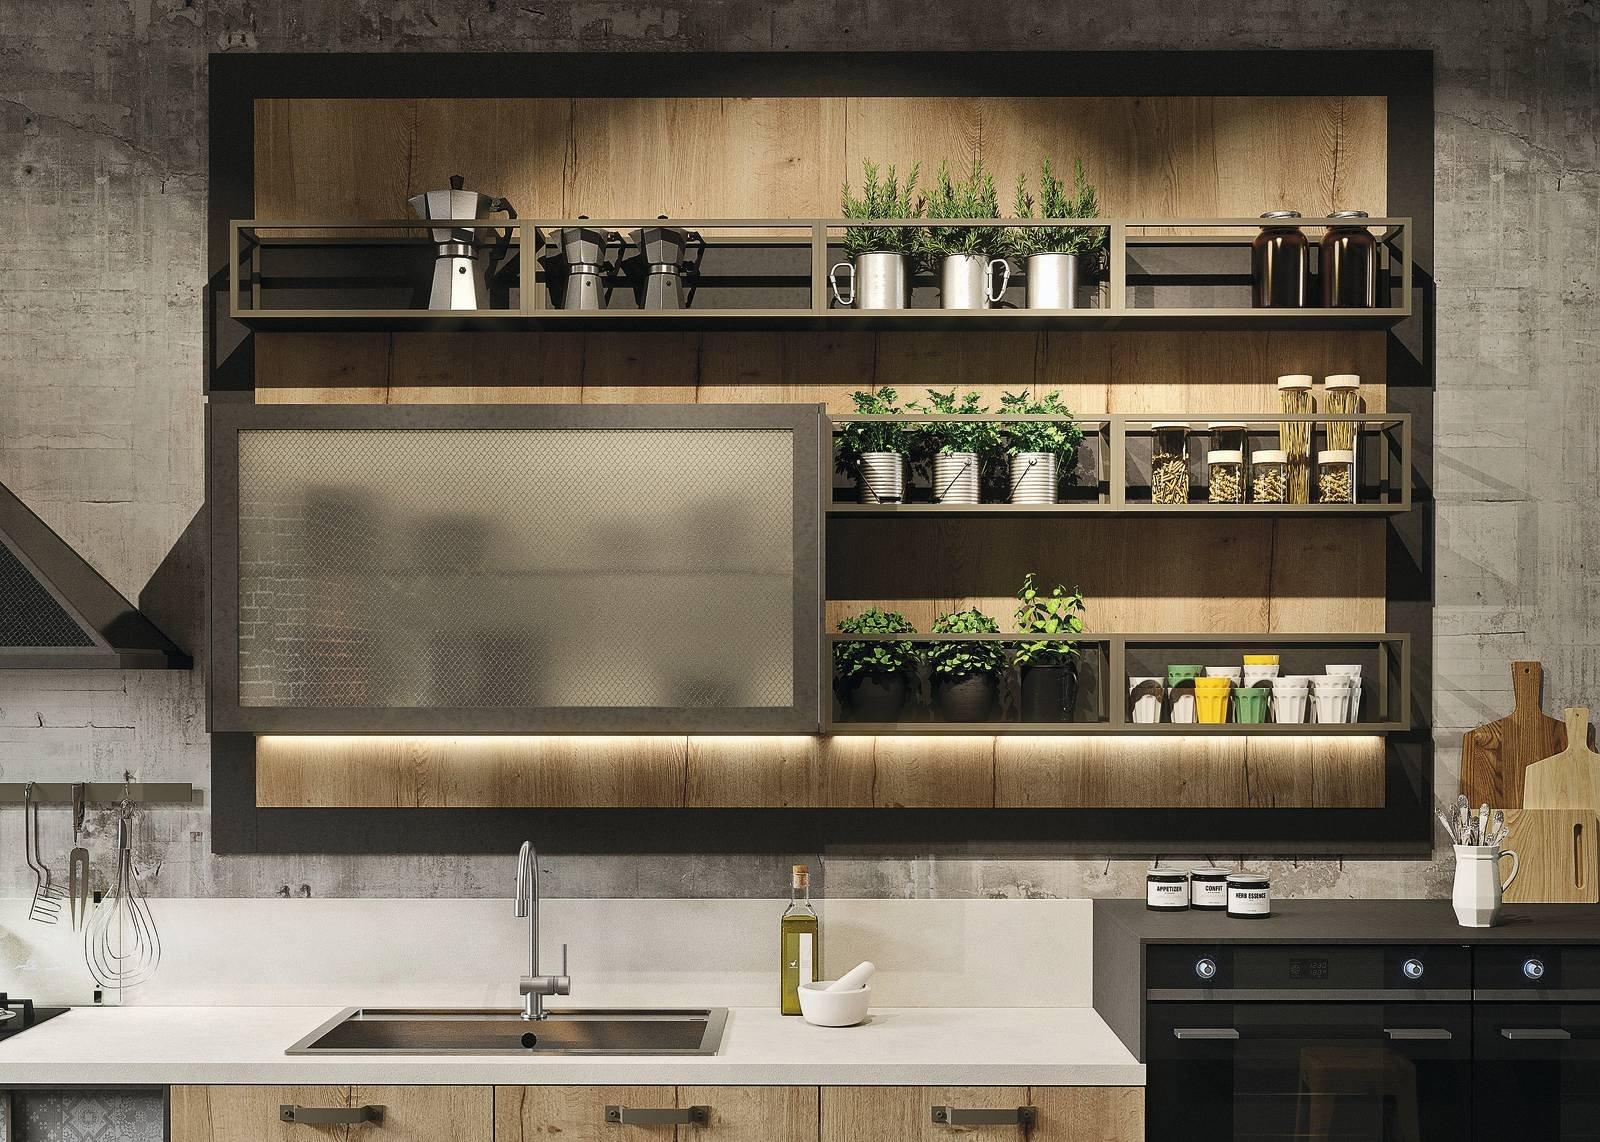 Credenza Con Alzata Classica : Cucine industriali: scegliere i mobili le lampade piastrelle e